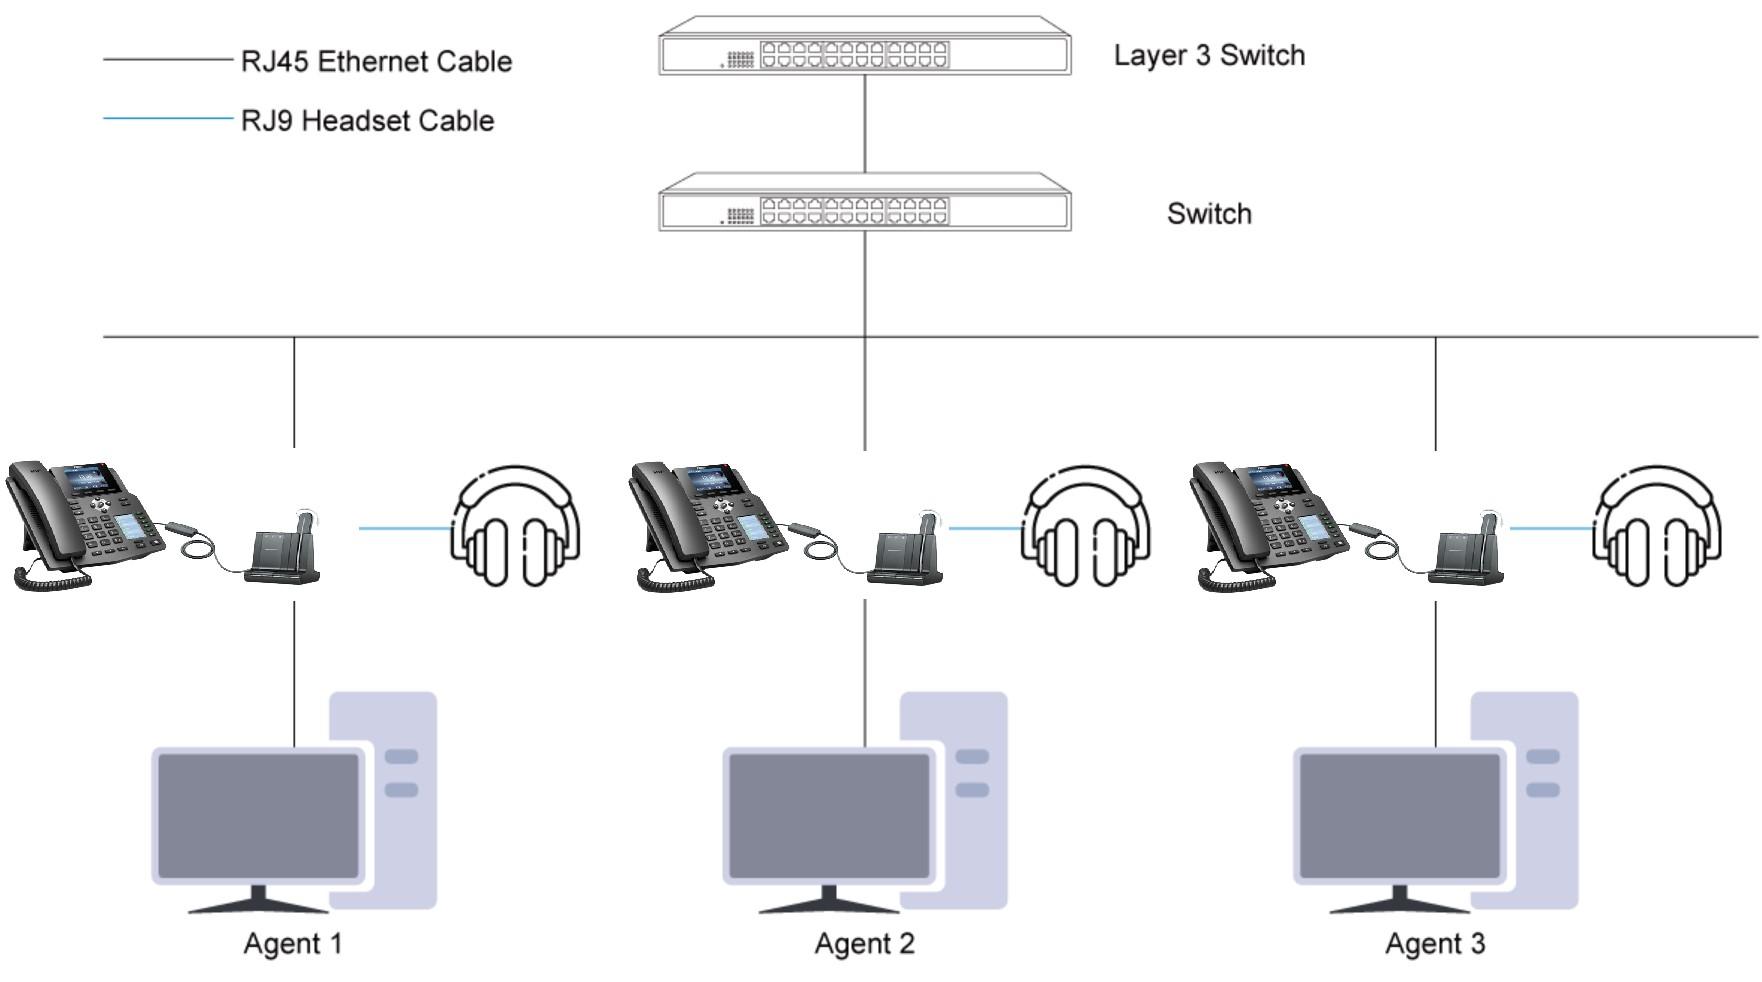 Giải pháp điện thoại VoIP Fanvil cho Tổng đài Call center